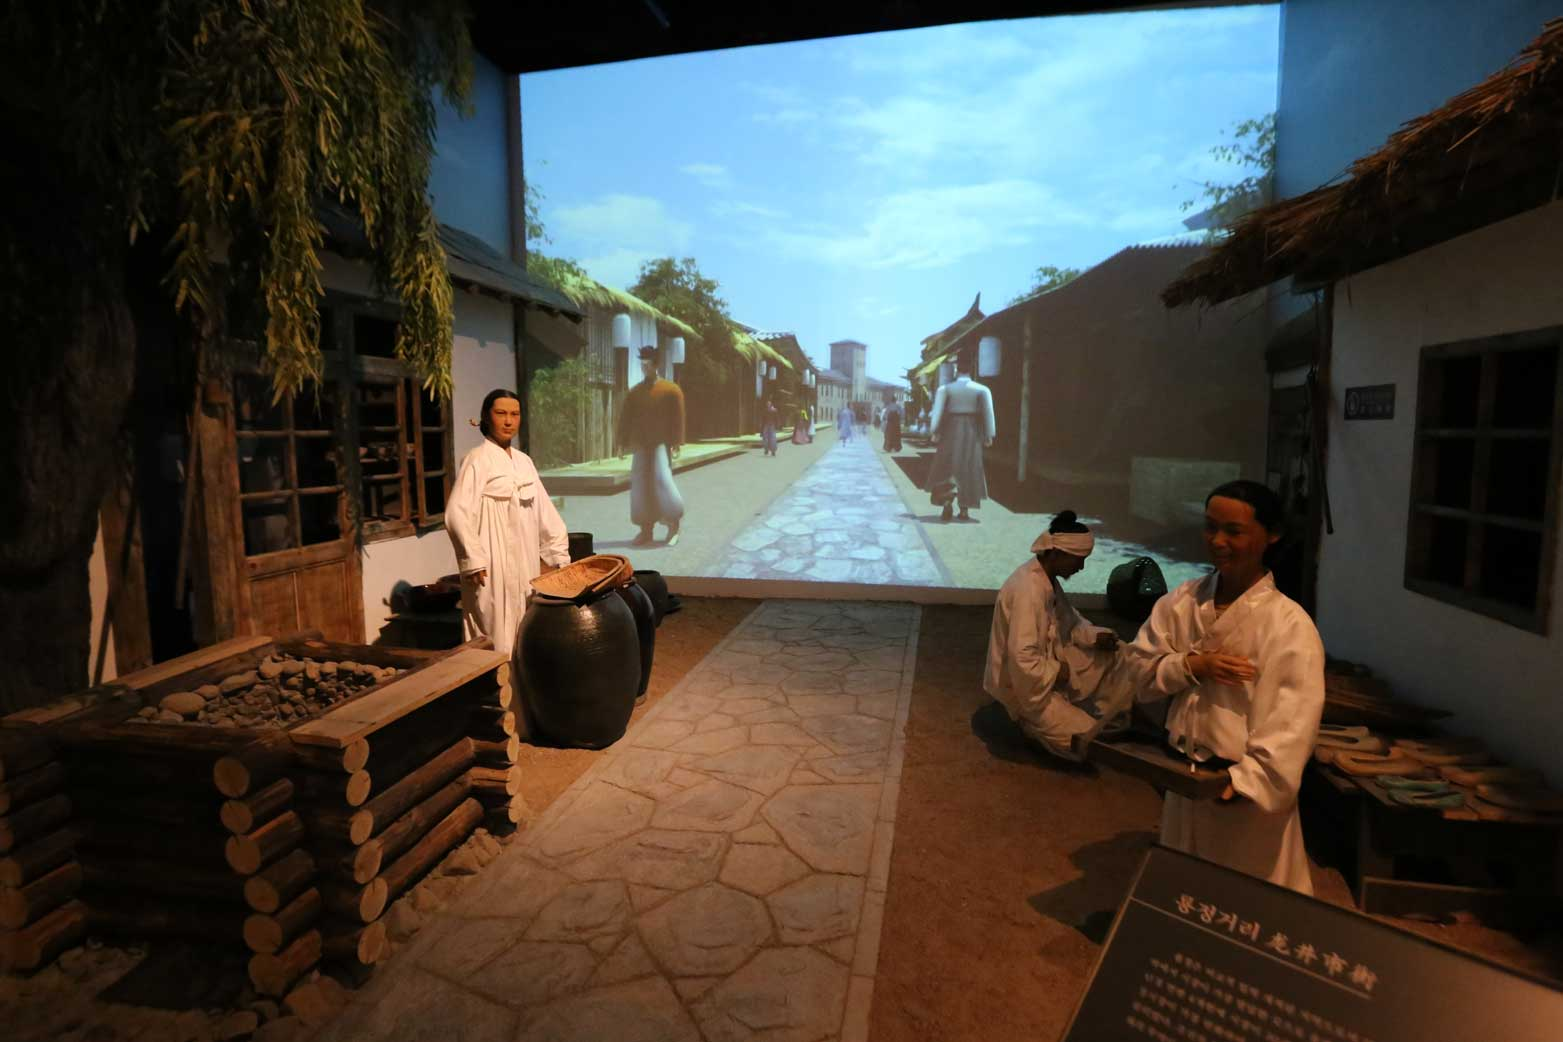 延辺朝鮮族自治州60周年にできた延辺博物館と朝鮮族の冷めた関係_b0235153_11282789.jpg